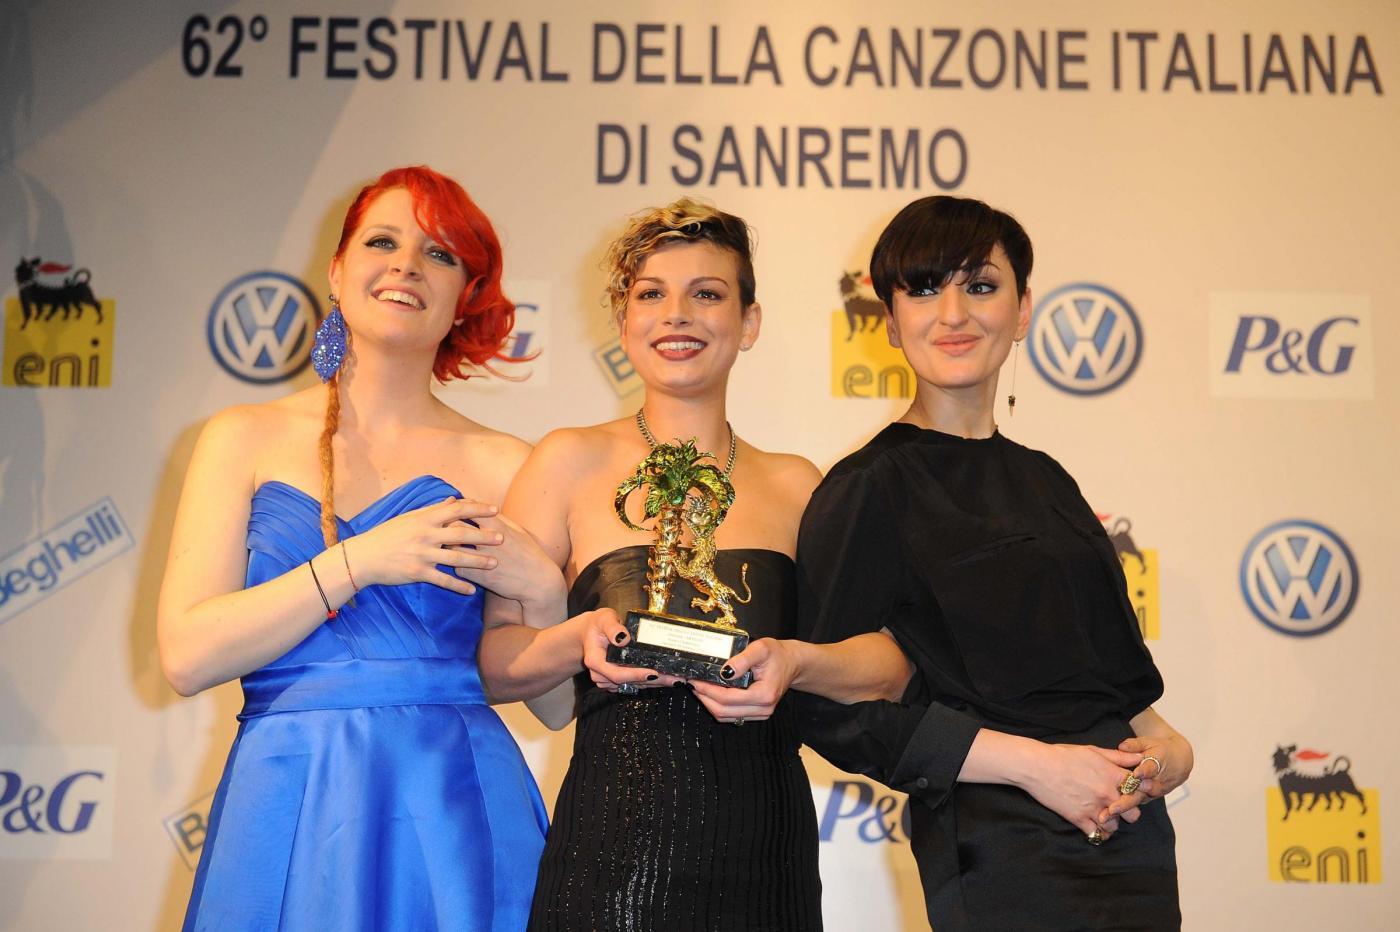 Sanremo 2012, sabato 18 febbraio 2012: boom per la finale, 82% di share per Emma vincitrice